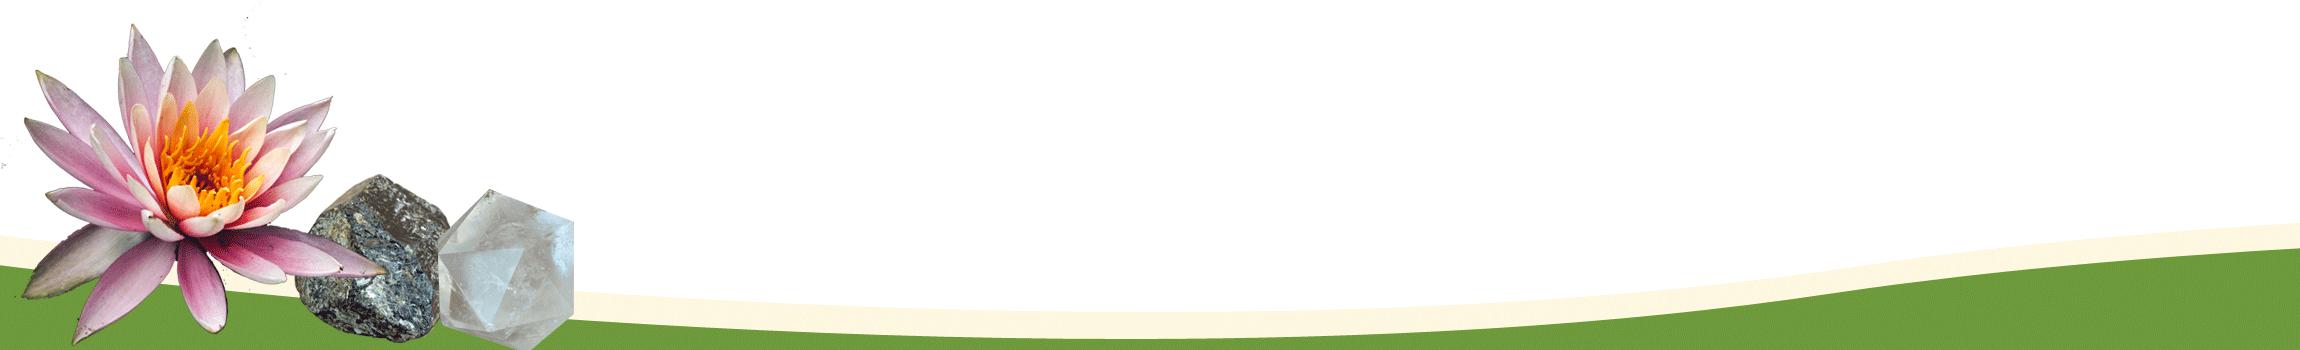 image pied de page contenant lotus, tourmaline et cristal de roche